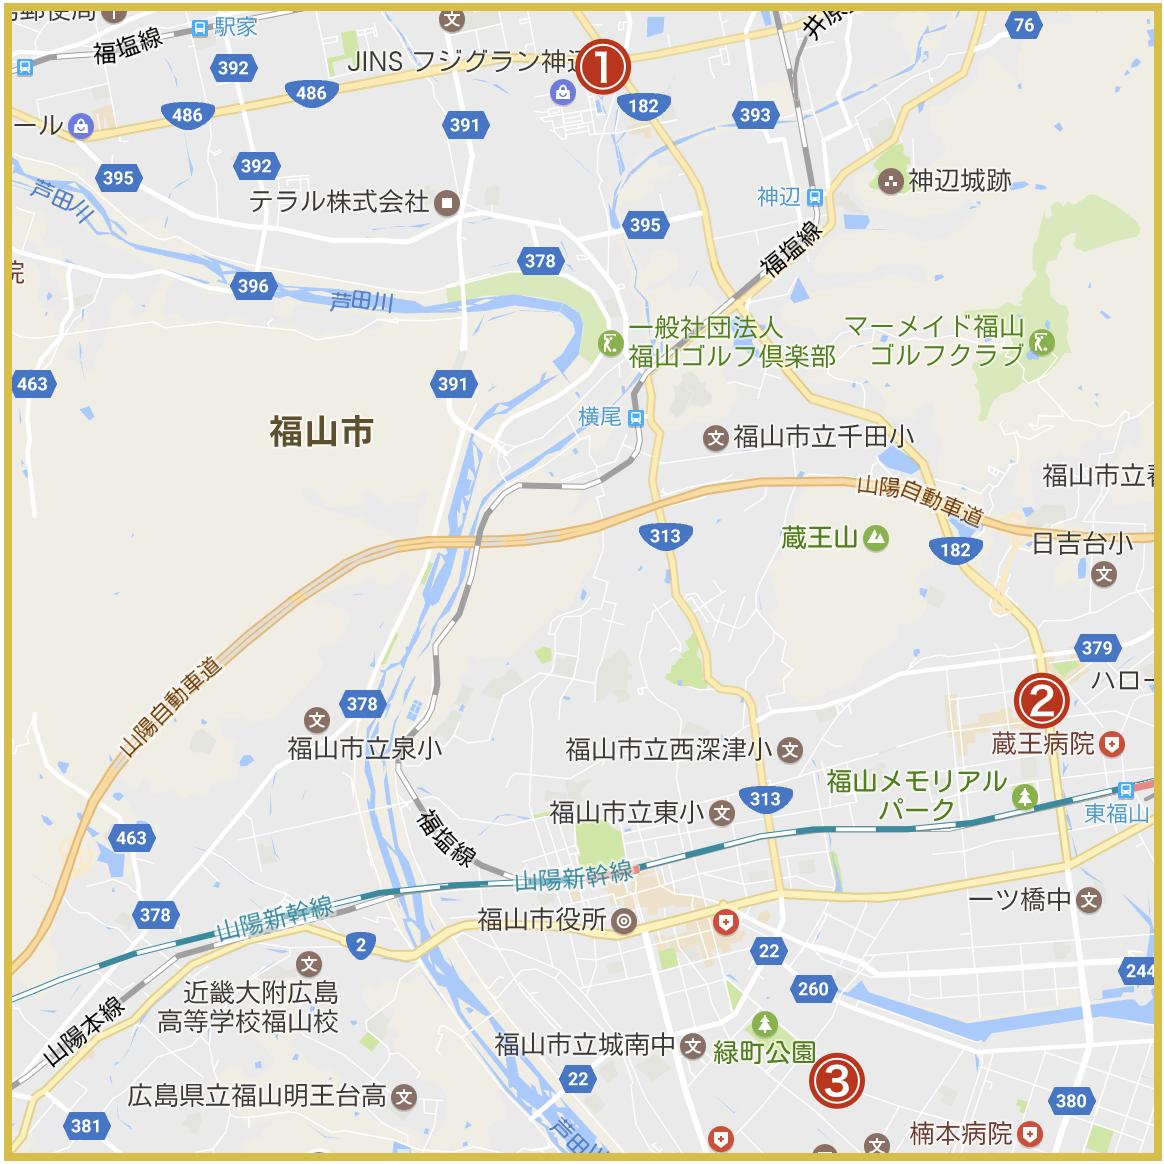 広島県福山市にあるアイフル店舗・ATMの位置